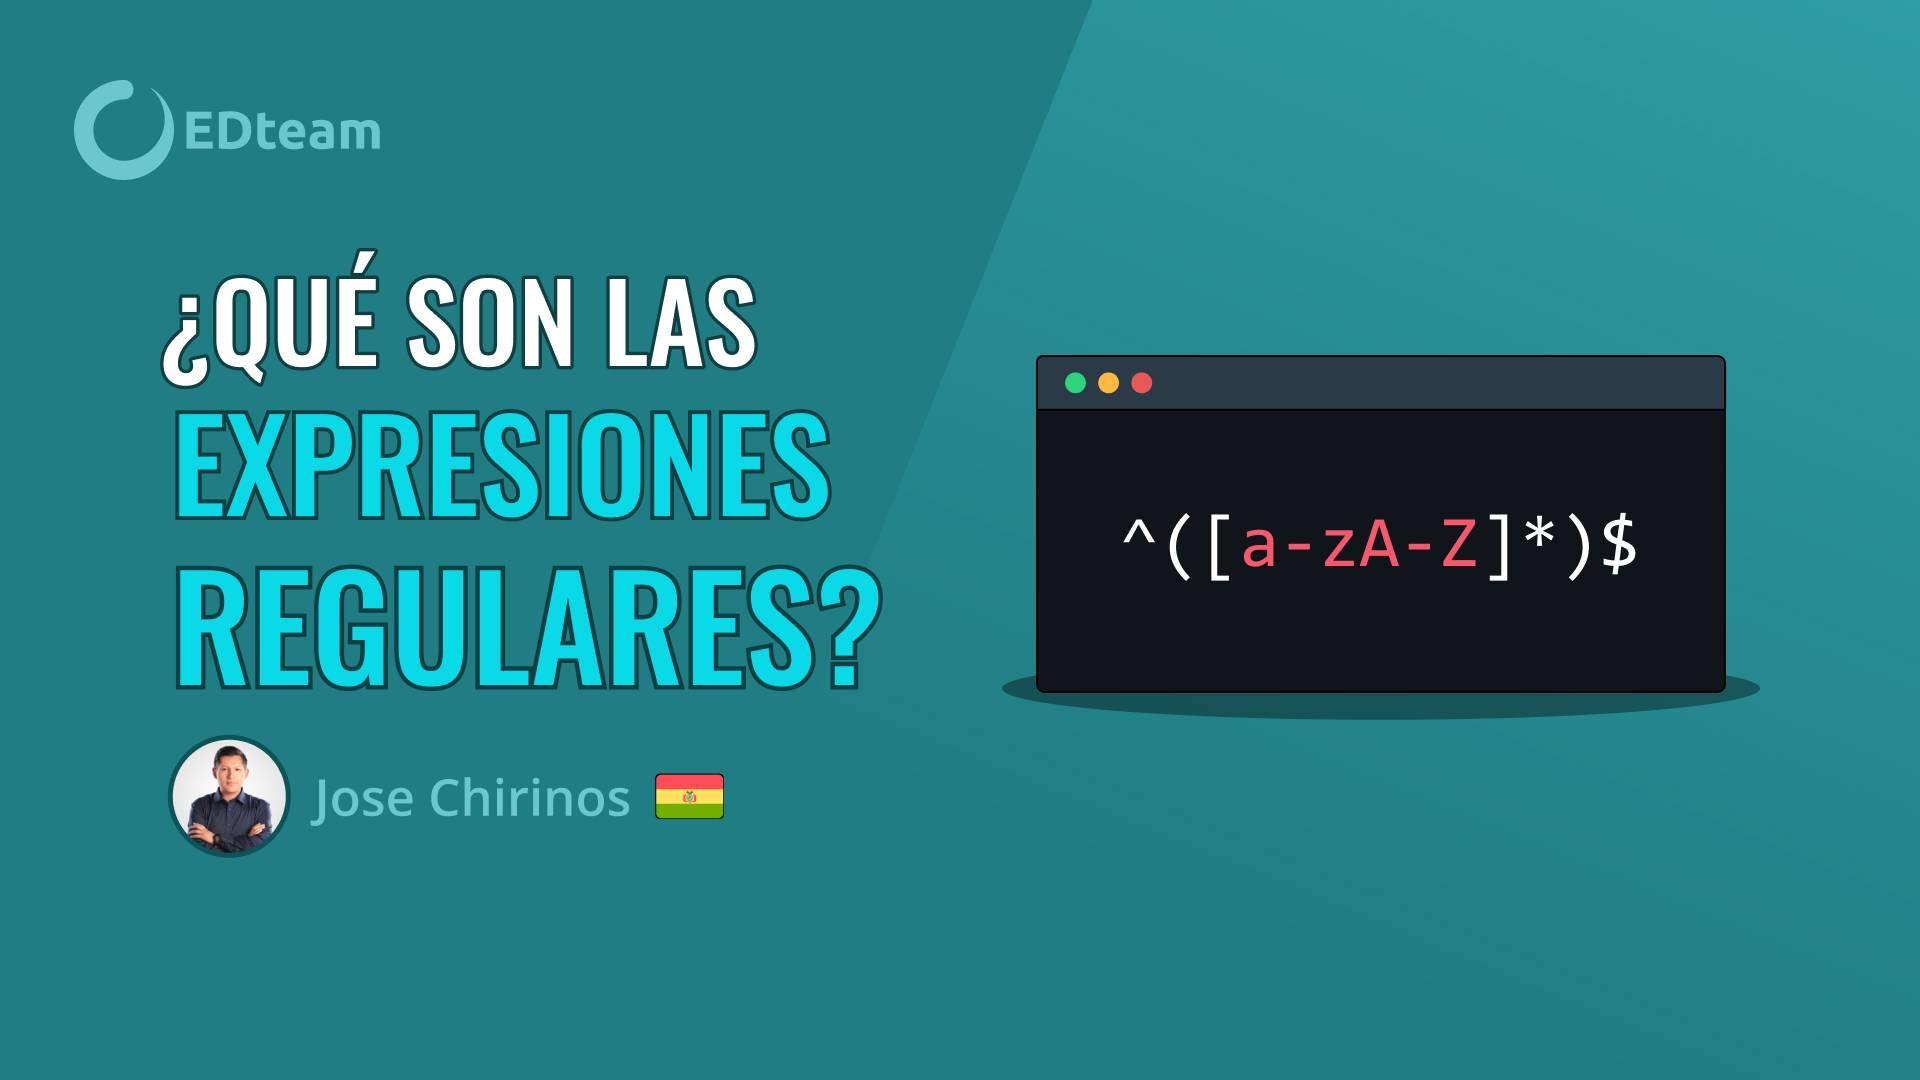 ¿Qué son las expresiones regulares?